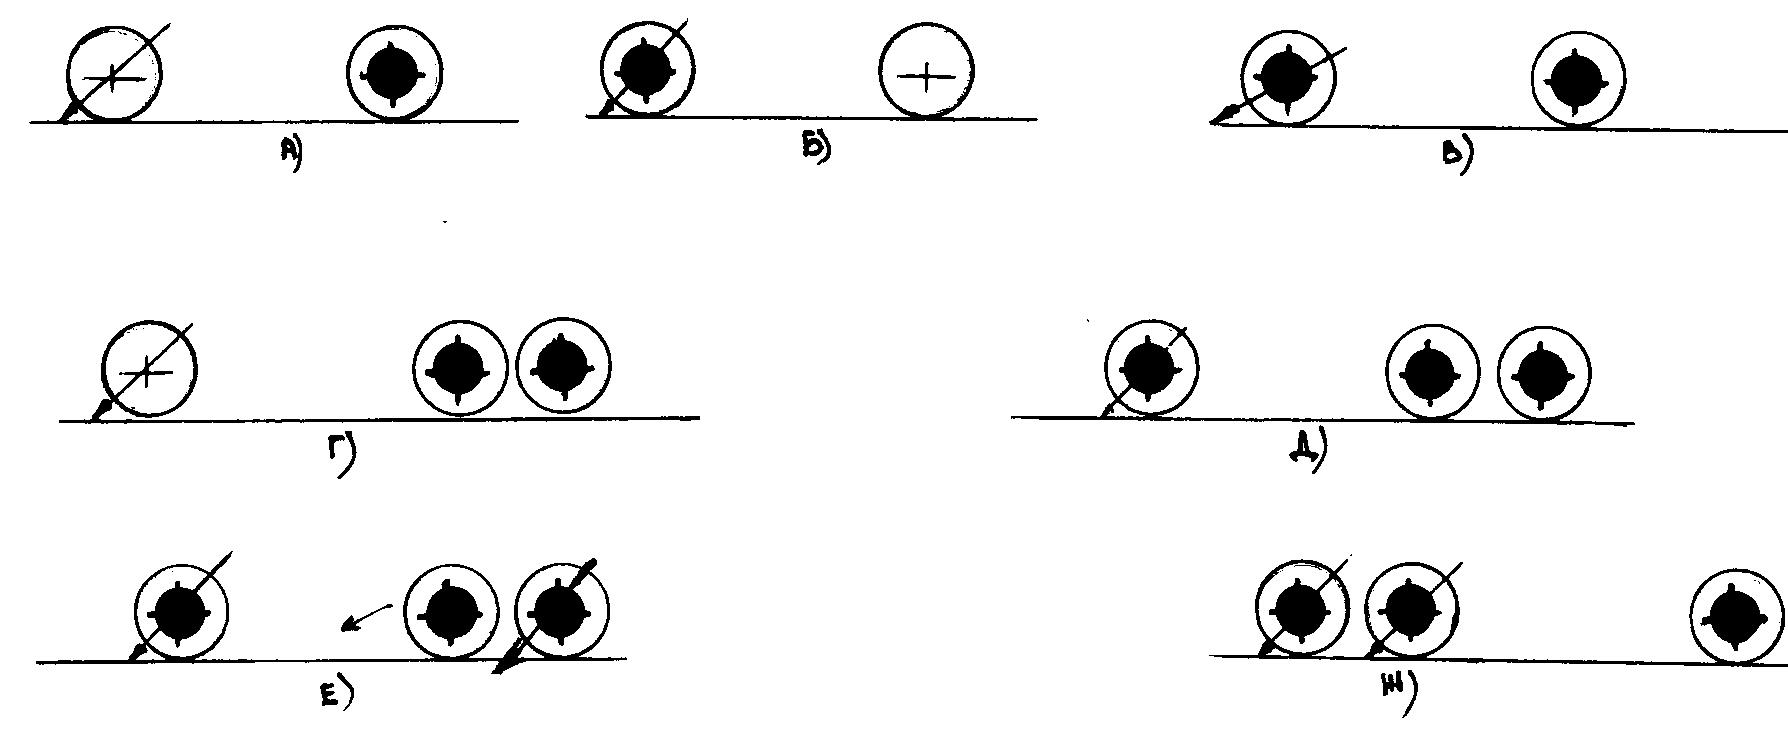 Схема расположения осей двухосных и трехосных автомобилей